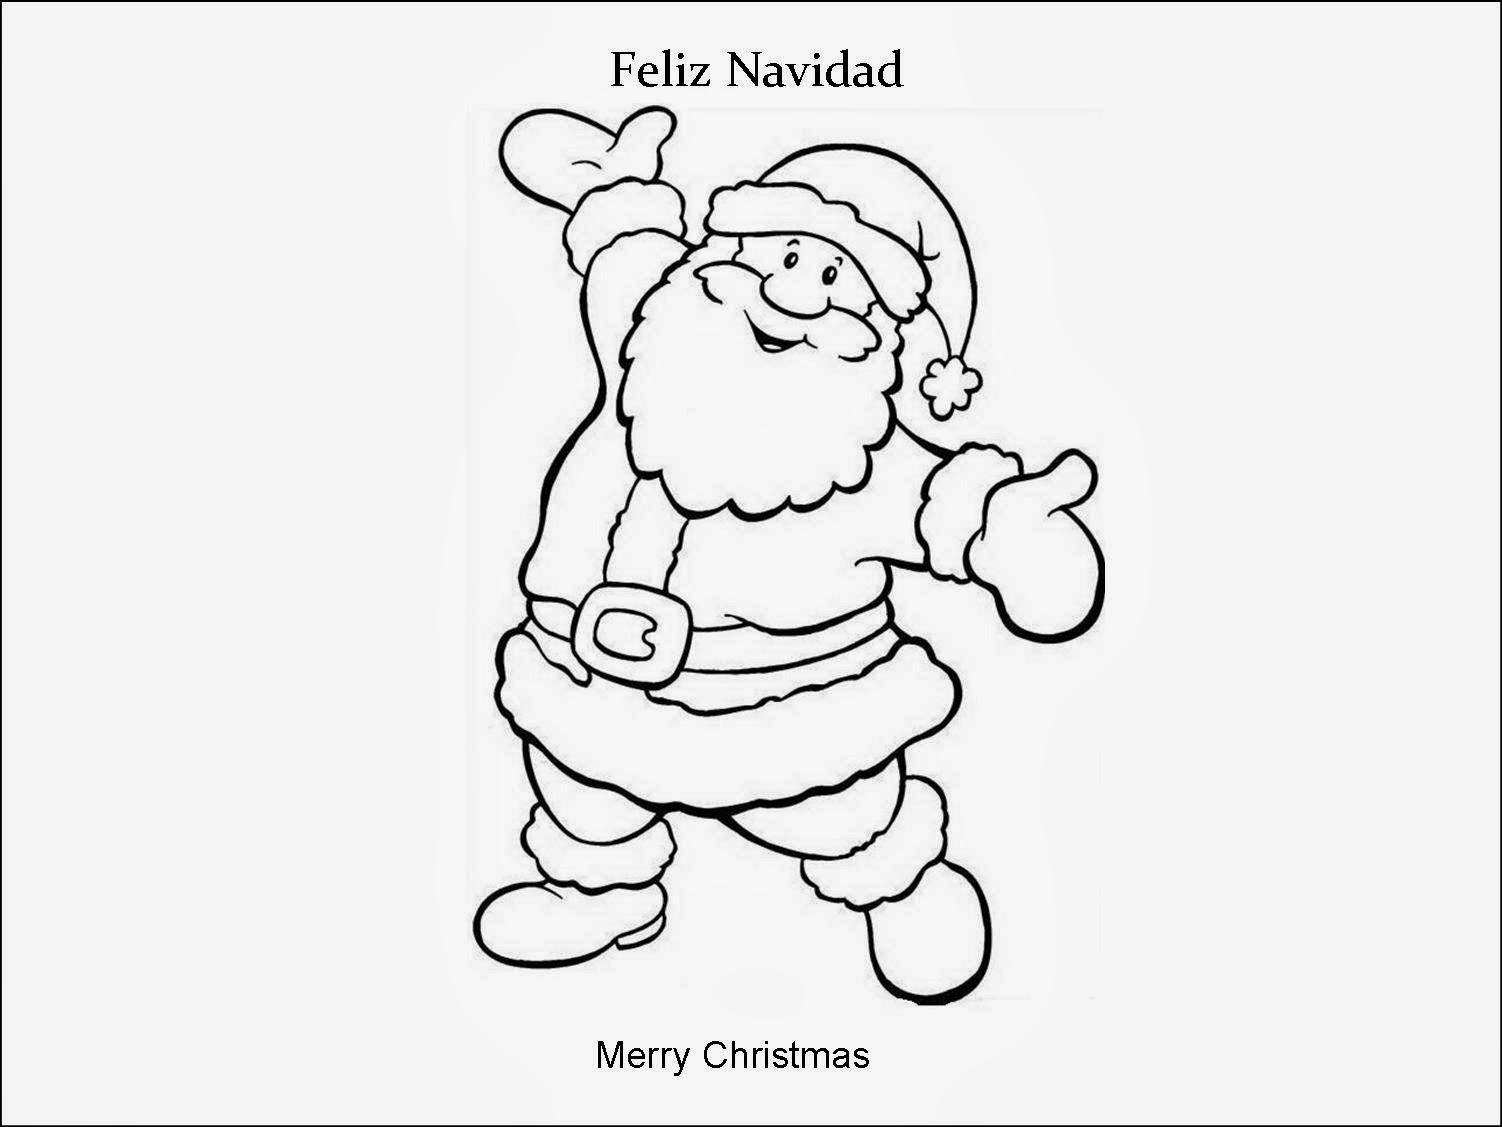 Imagenes Para Dibujar En Ingles Y Español Imagenes De Navidad Para